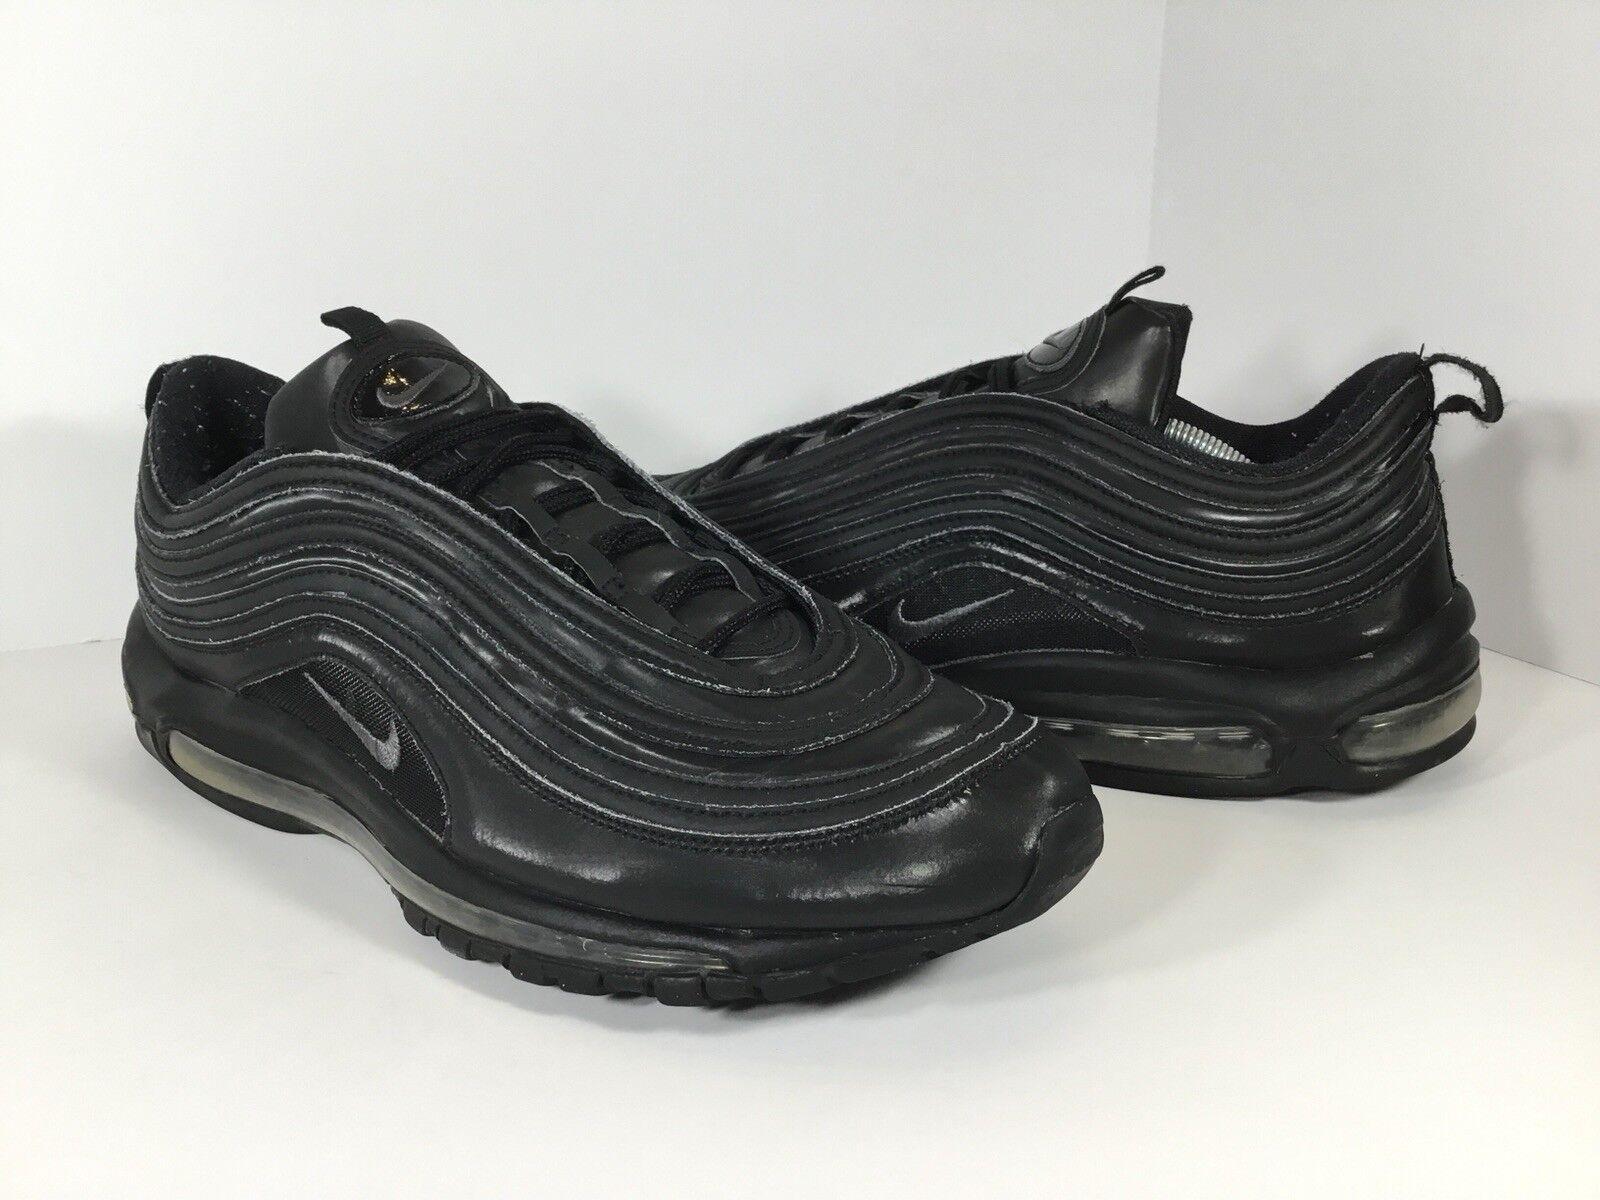 Nike air max 46 97 nero metallizzato ematite Uomo 46 max rare 312641-020 f872c9